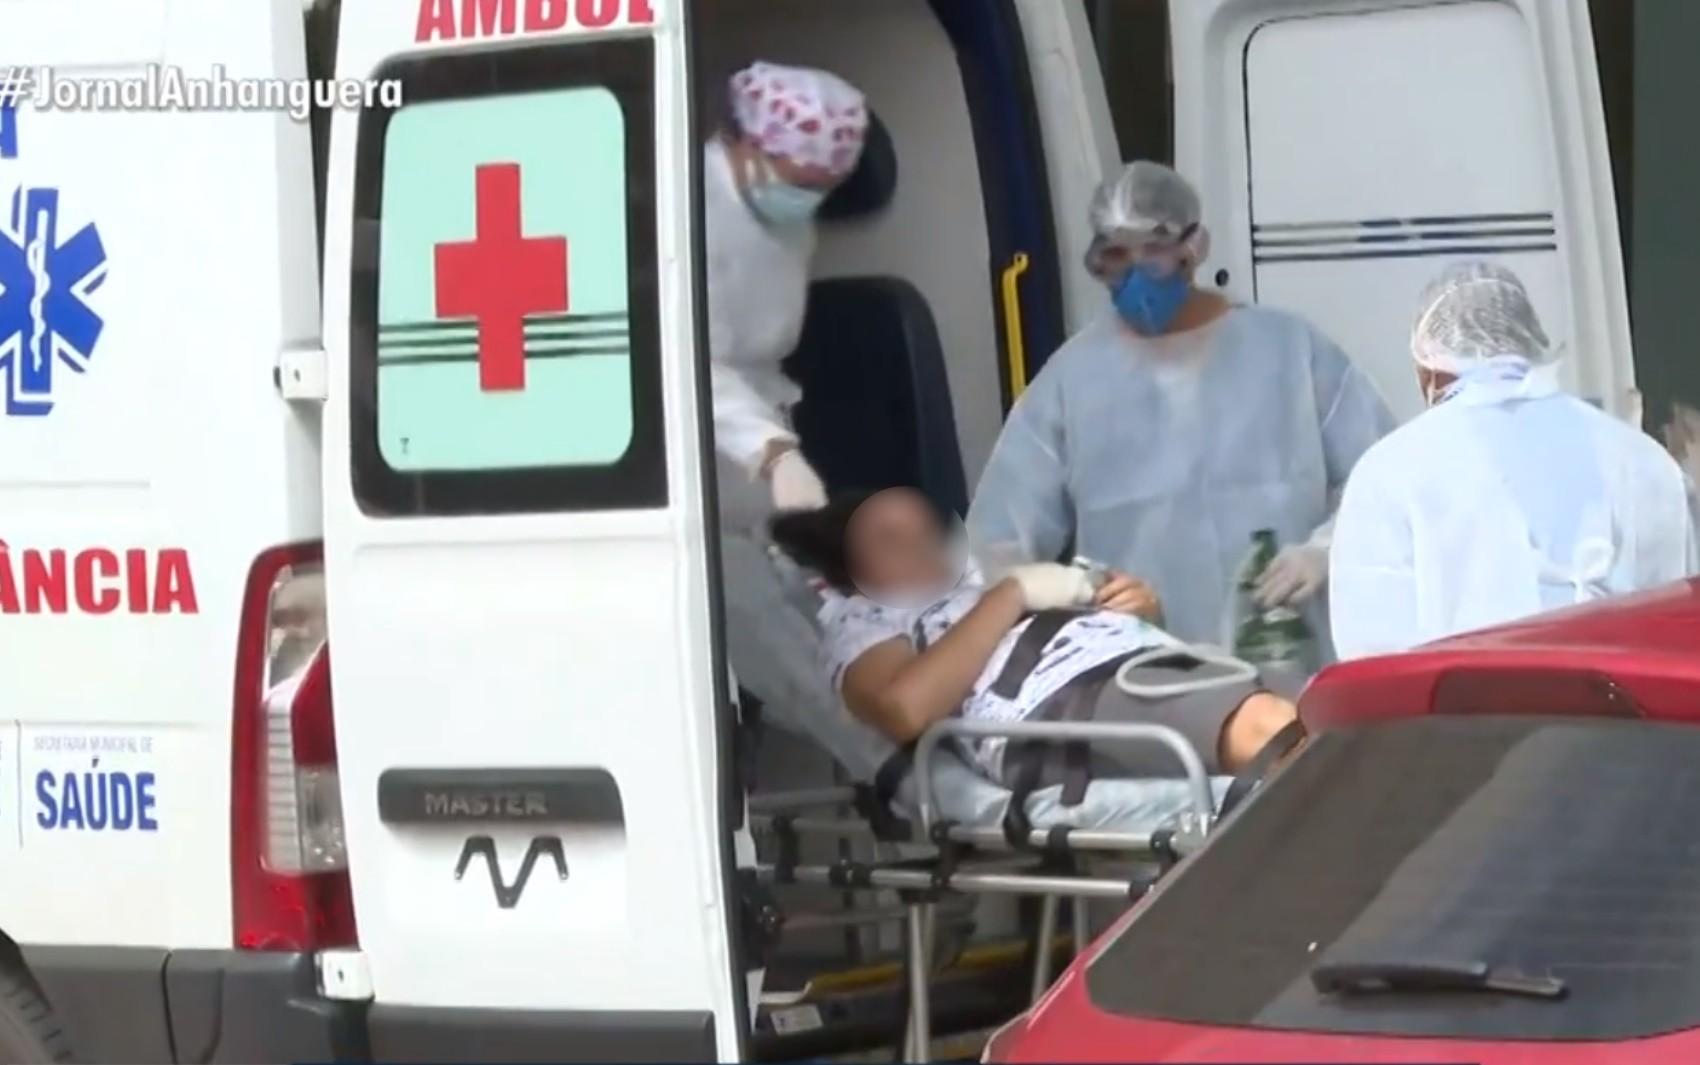 Goiás registra 523.599 casos confirmados e 13.647 mortes por coronavírus, diz governo